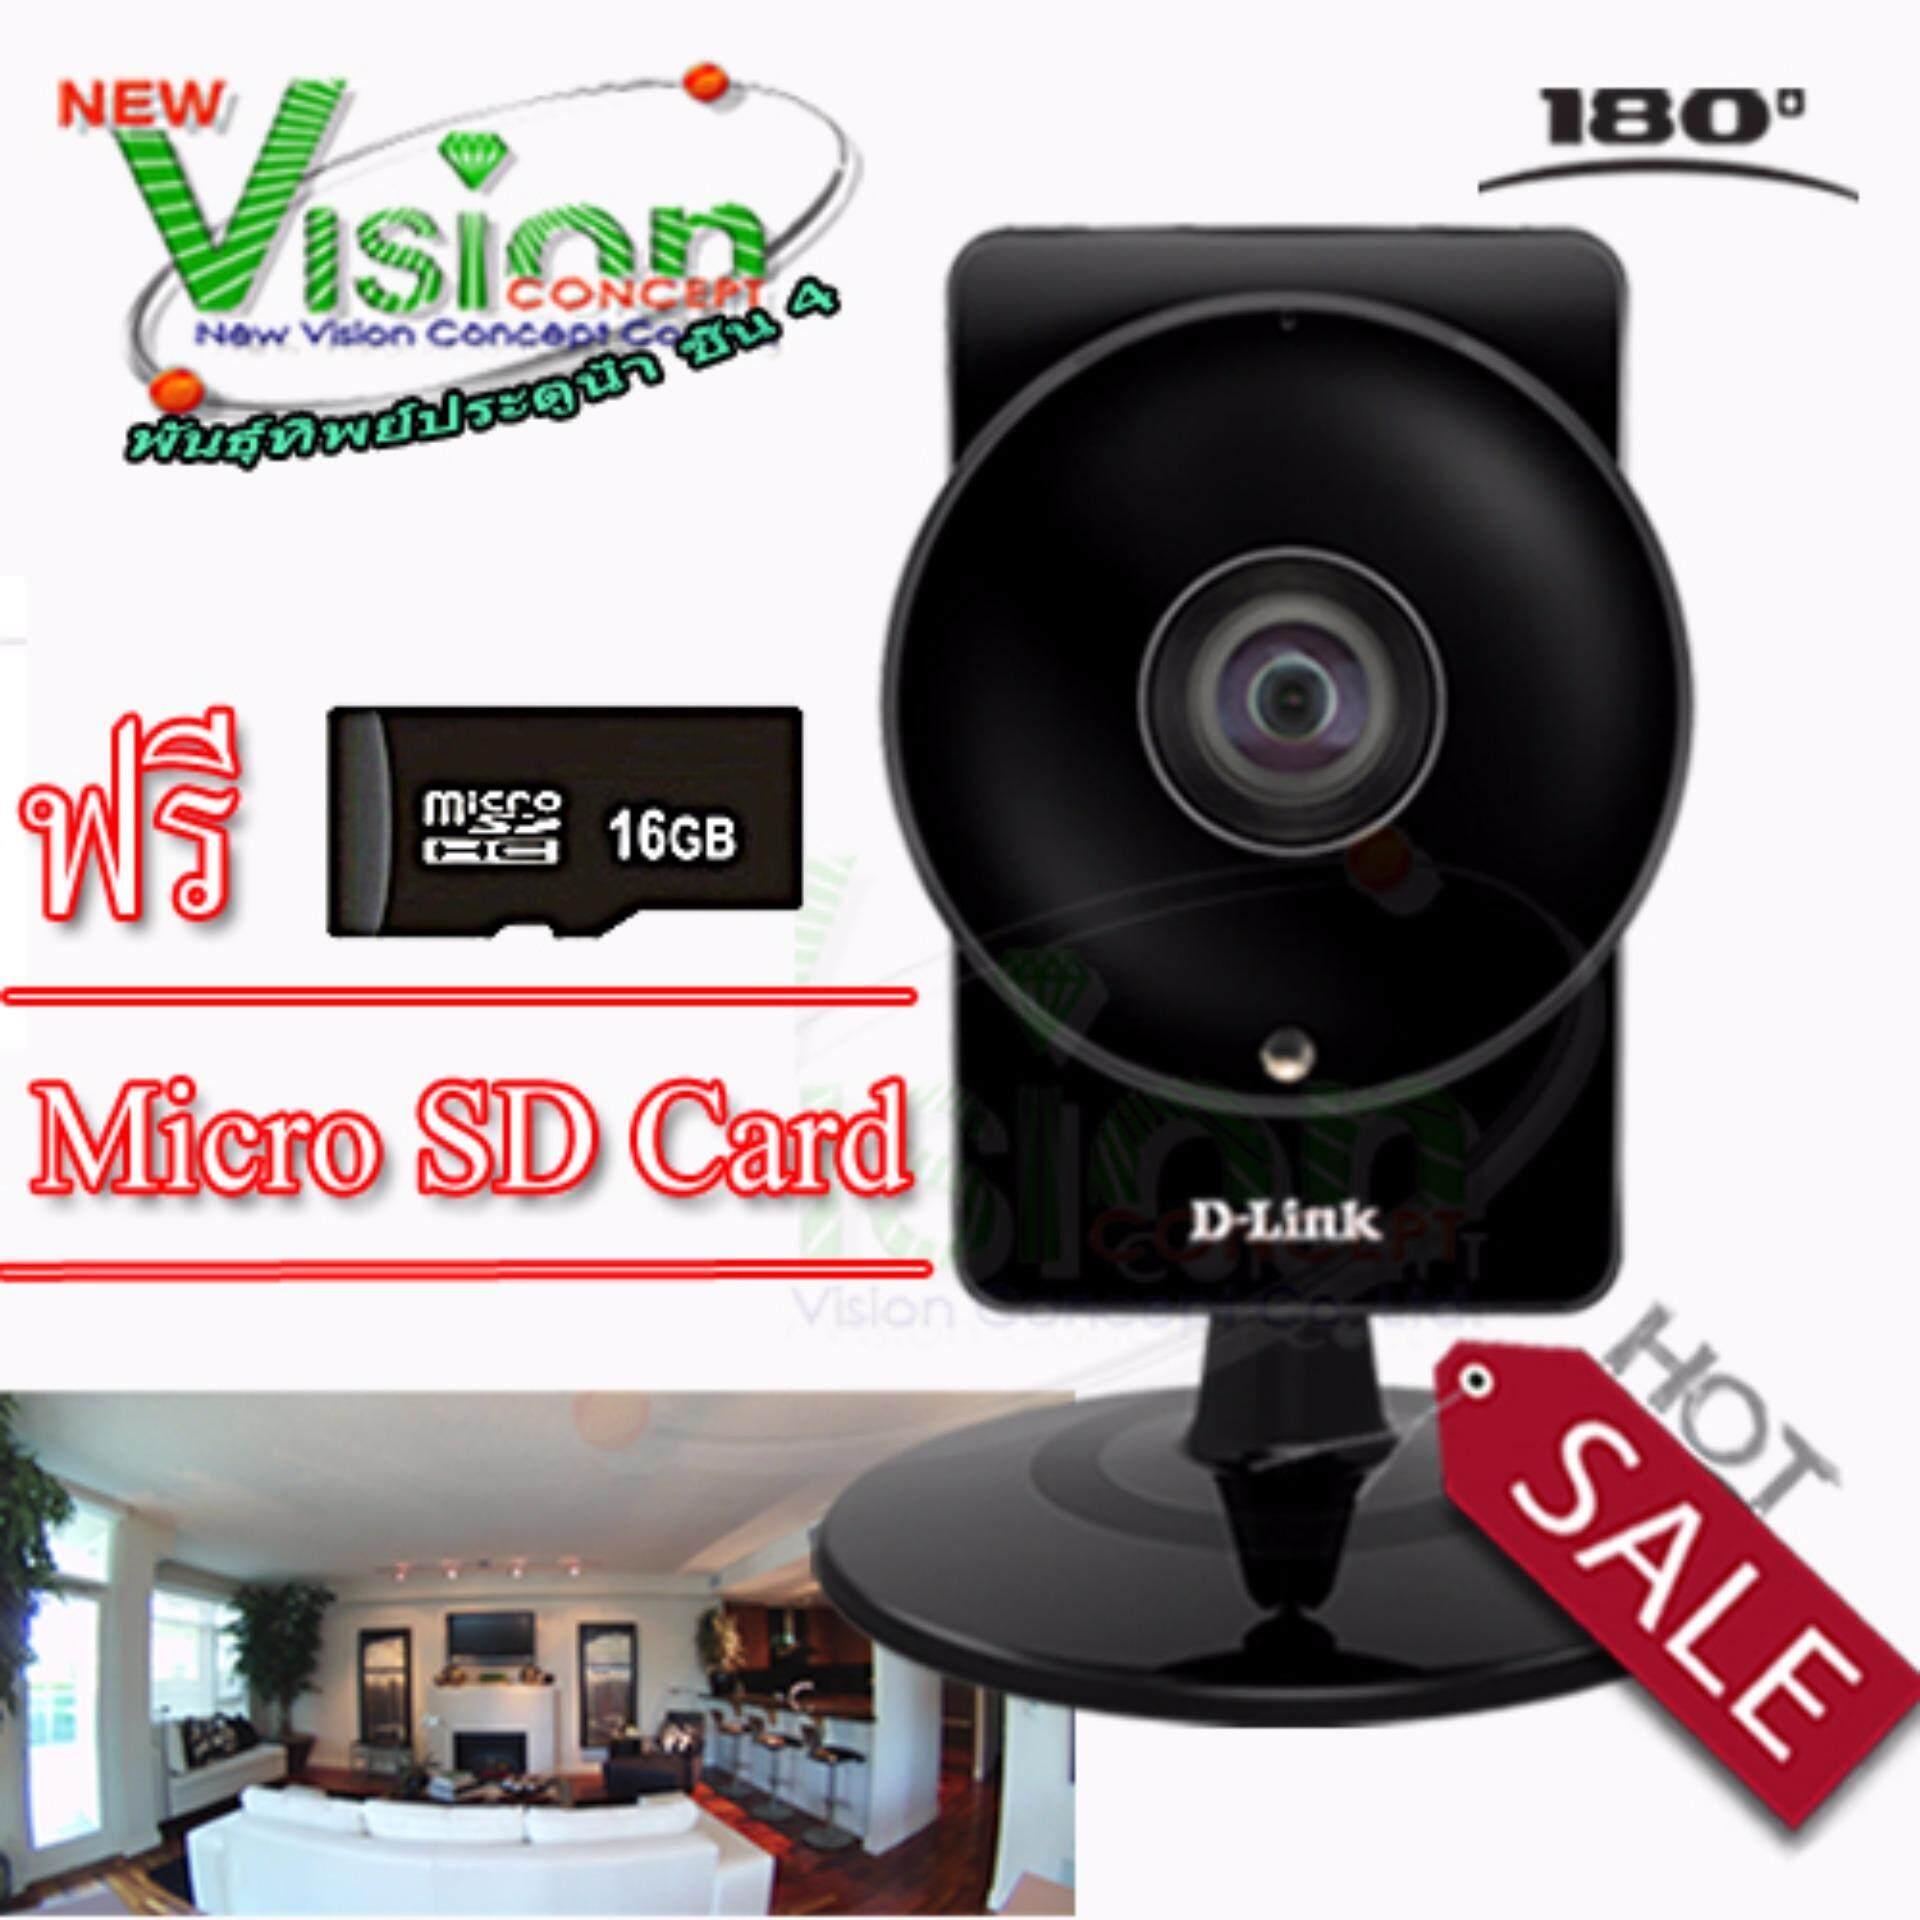 D-Link DCS-960L HD 180-Degree Wi-Fi Camera